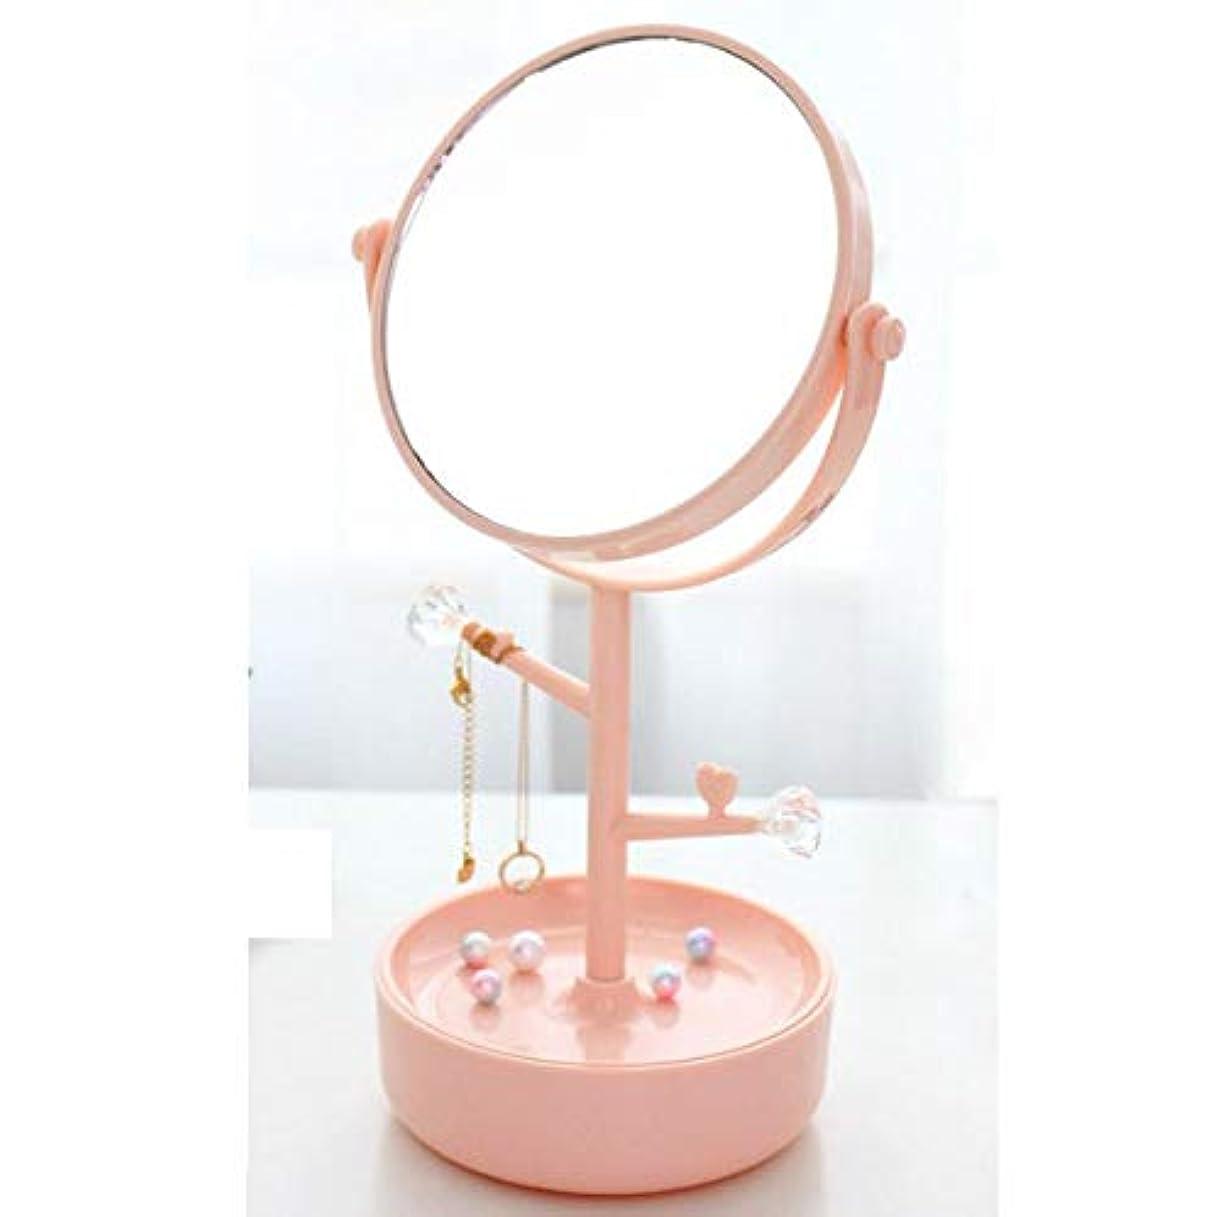 オリエンテーションびっくり消費化粧鏡、ピンク多機能収納両面化粧鏡化粧ギフト